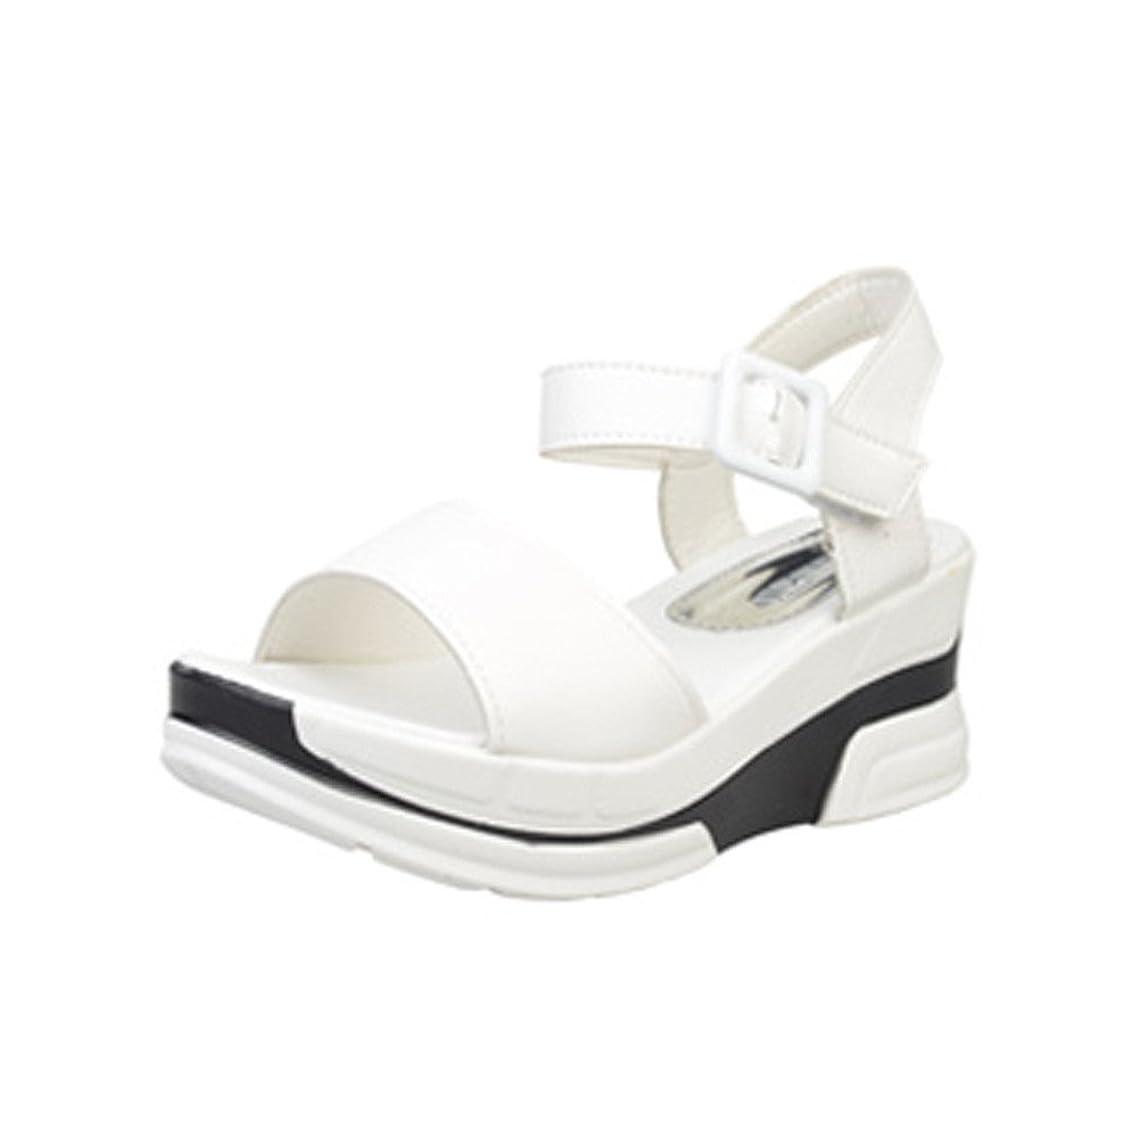 豪華な用心深いより良い[シューズ Foreted] サンダル フラット アンクルストラップ 美脚 フォーマル 厚底 おしゃれ 夏 歩きやすい コンフォート ウェッジソール ぺたんこ靴 可愛い